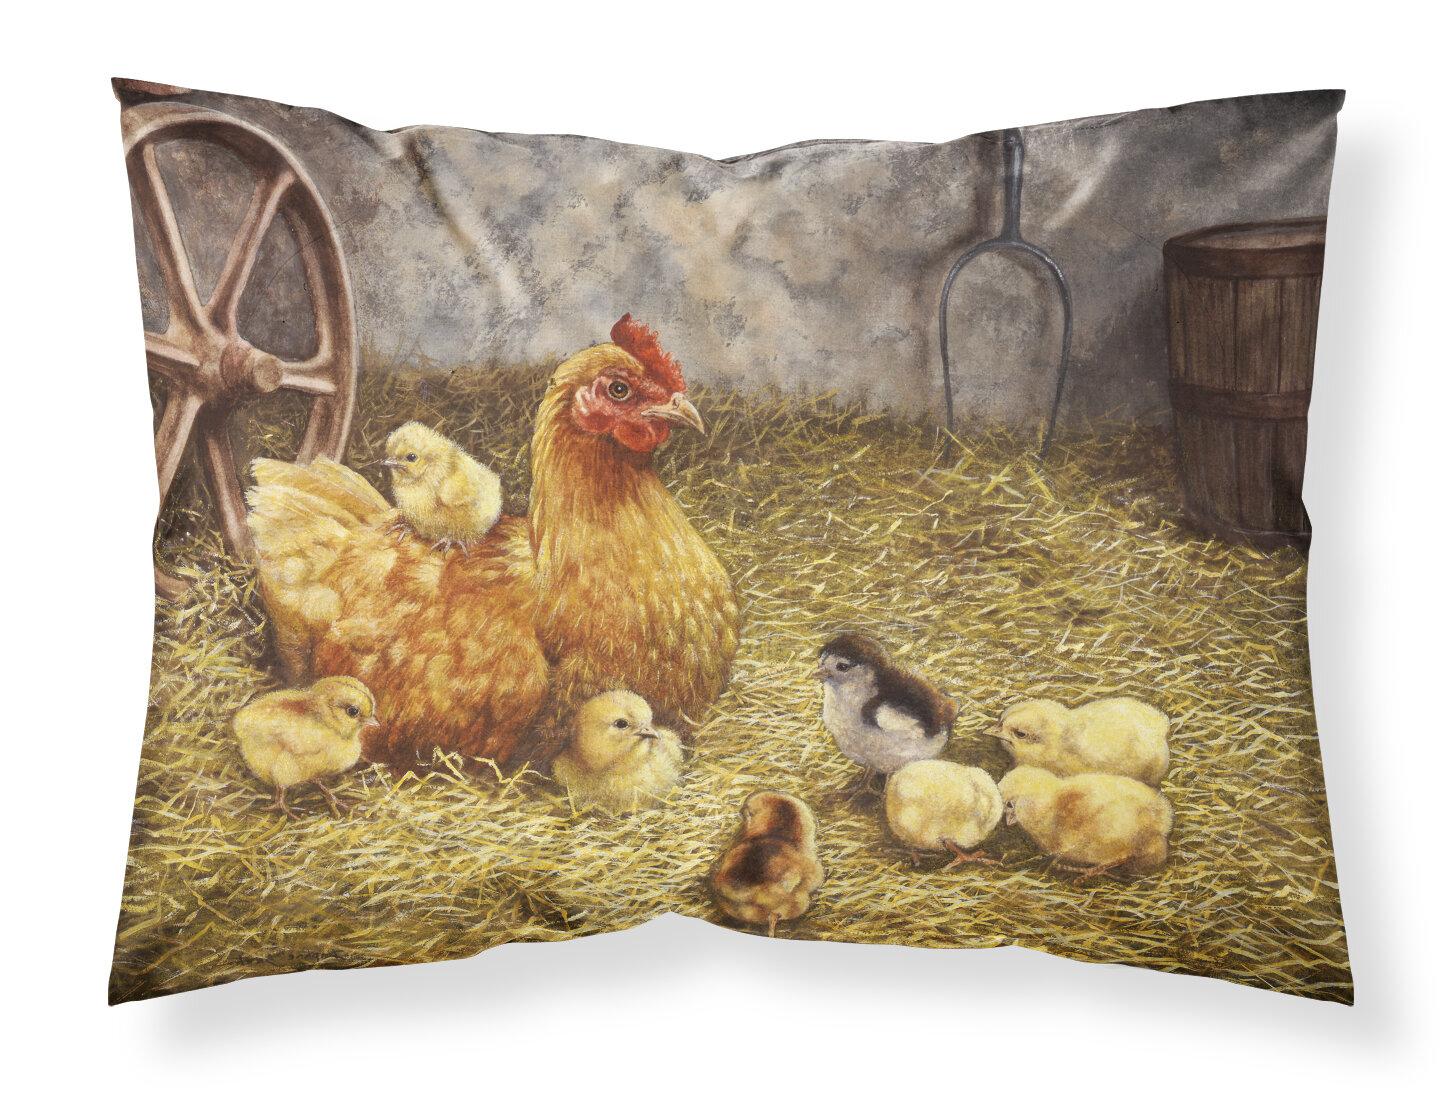 East Urban Home Chicken Hen And Chicks Pillowcase Wayfair